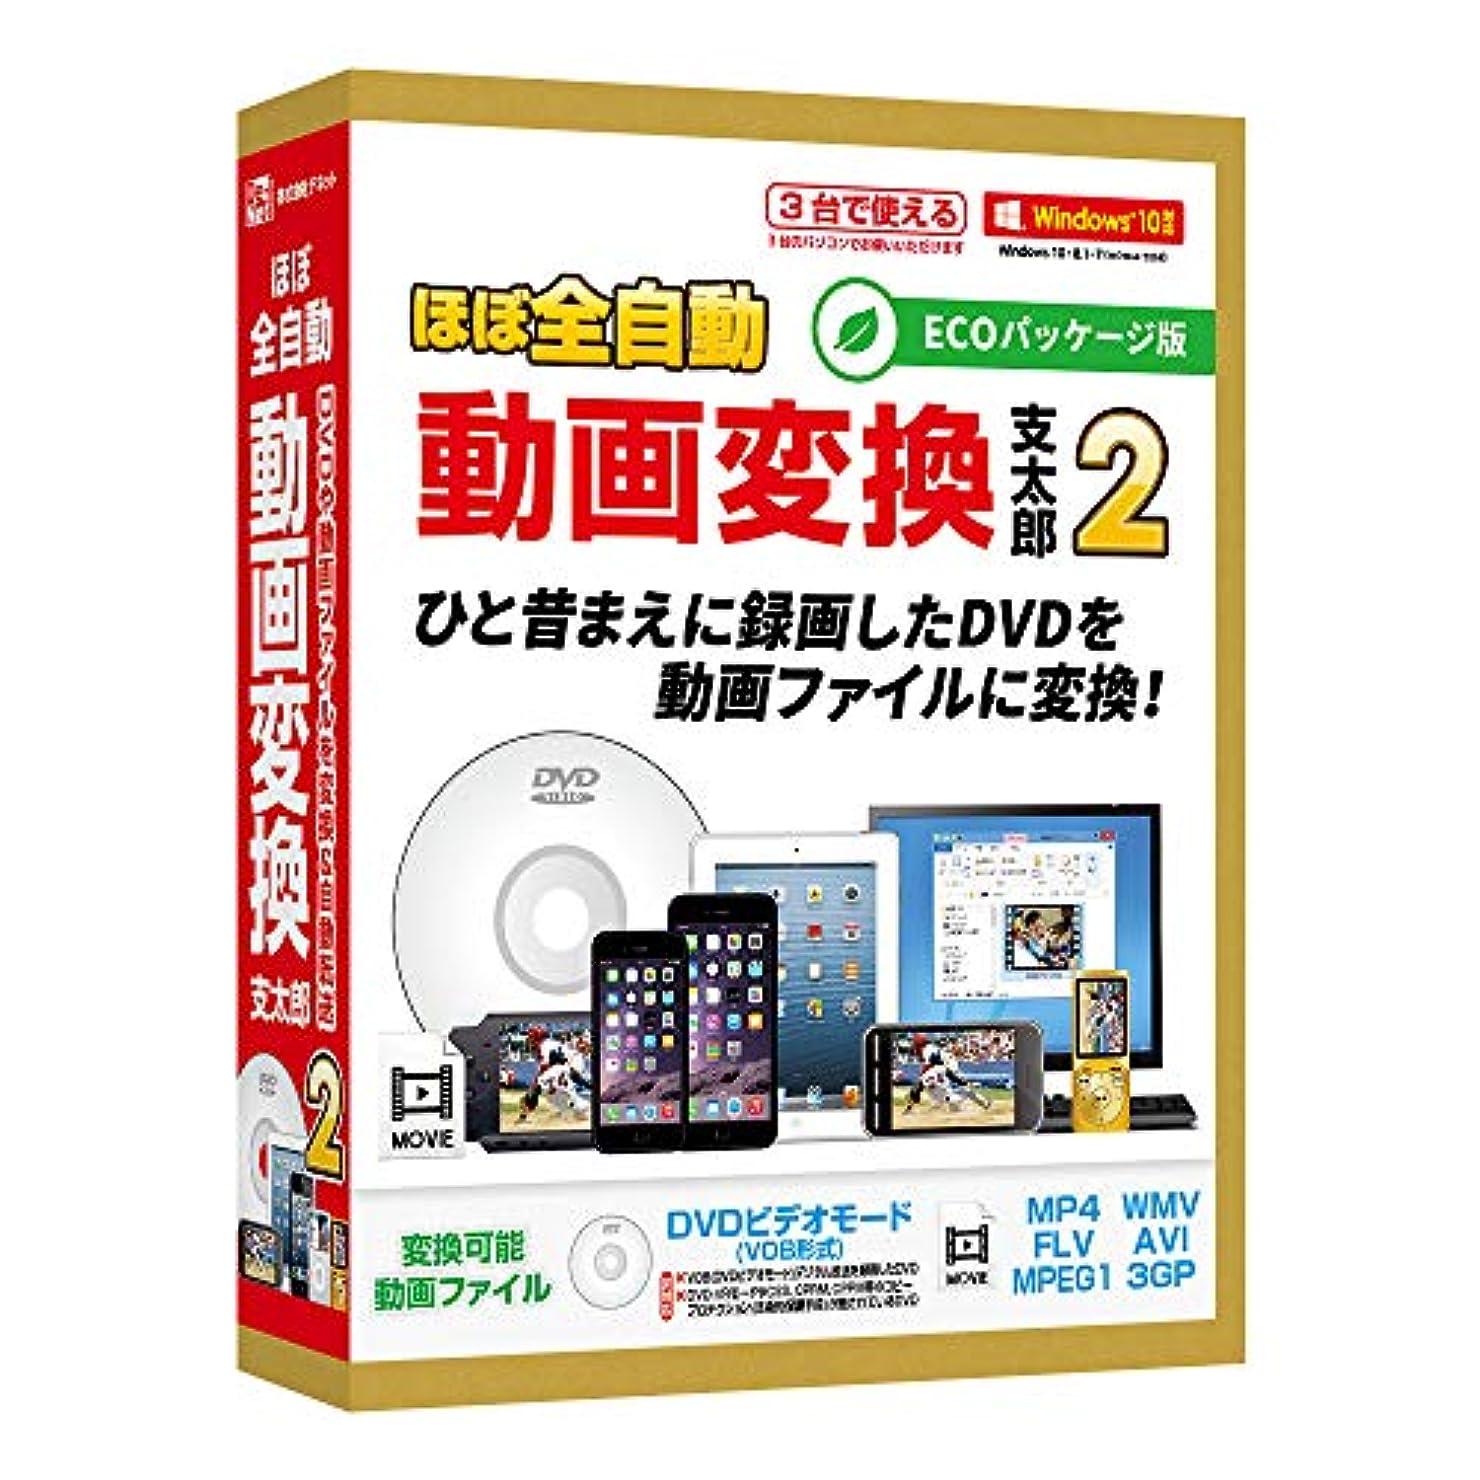 記念日ソフトウェア瀬戸際ほぼ全自動 動画変換支太郎2【限定ECOパッケージ版】